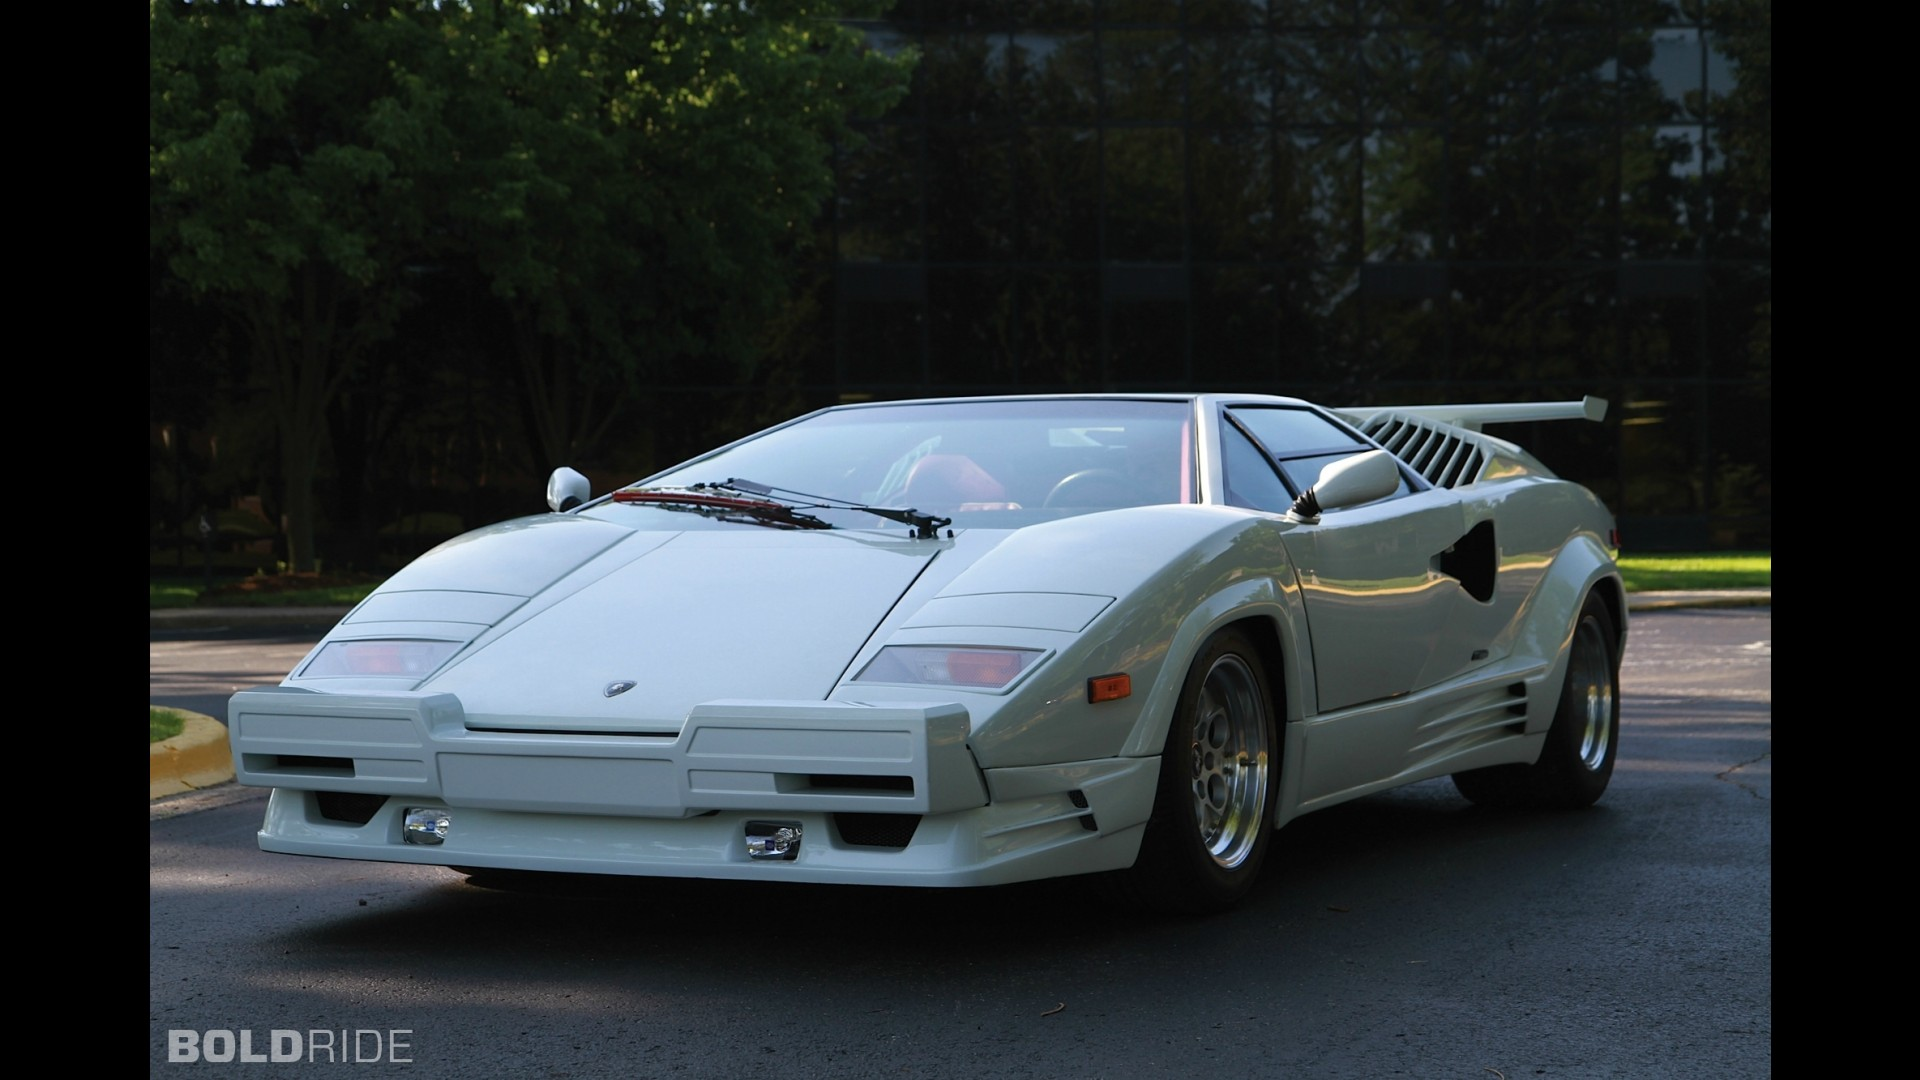 lamborghini-countach-25th-anniversary Elegant Lamborghini Countach 25th Anniversary Specs Cars Trend